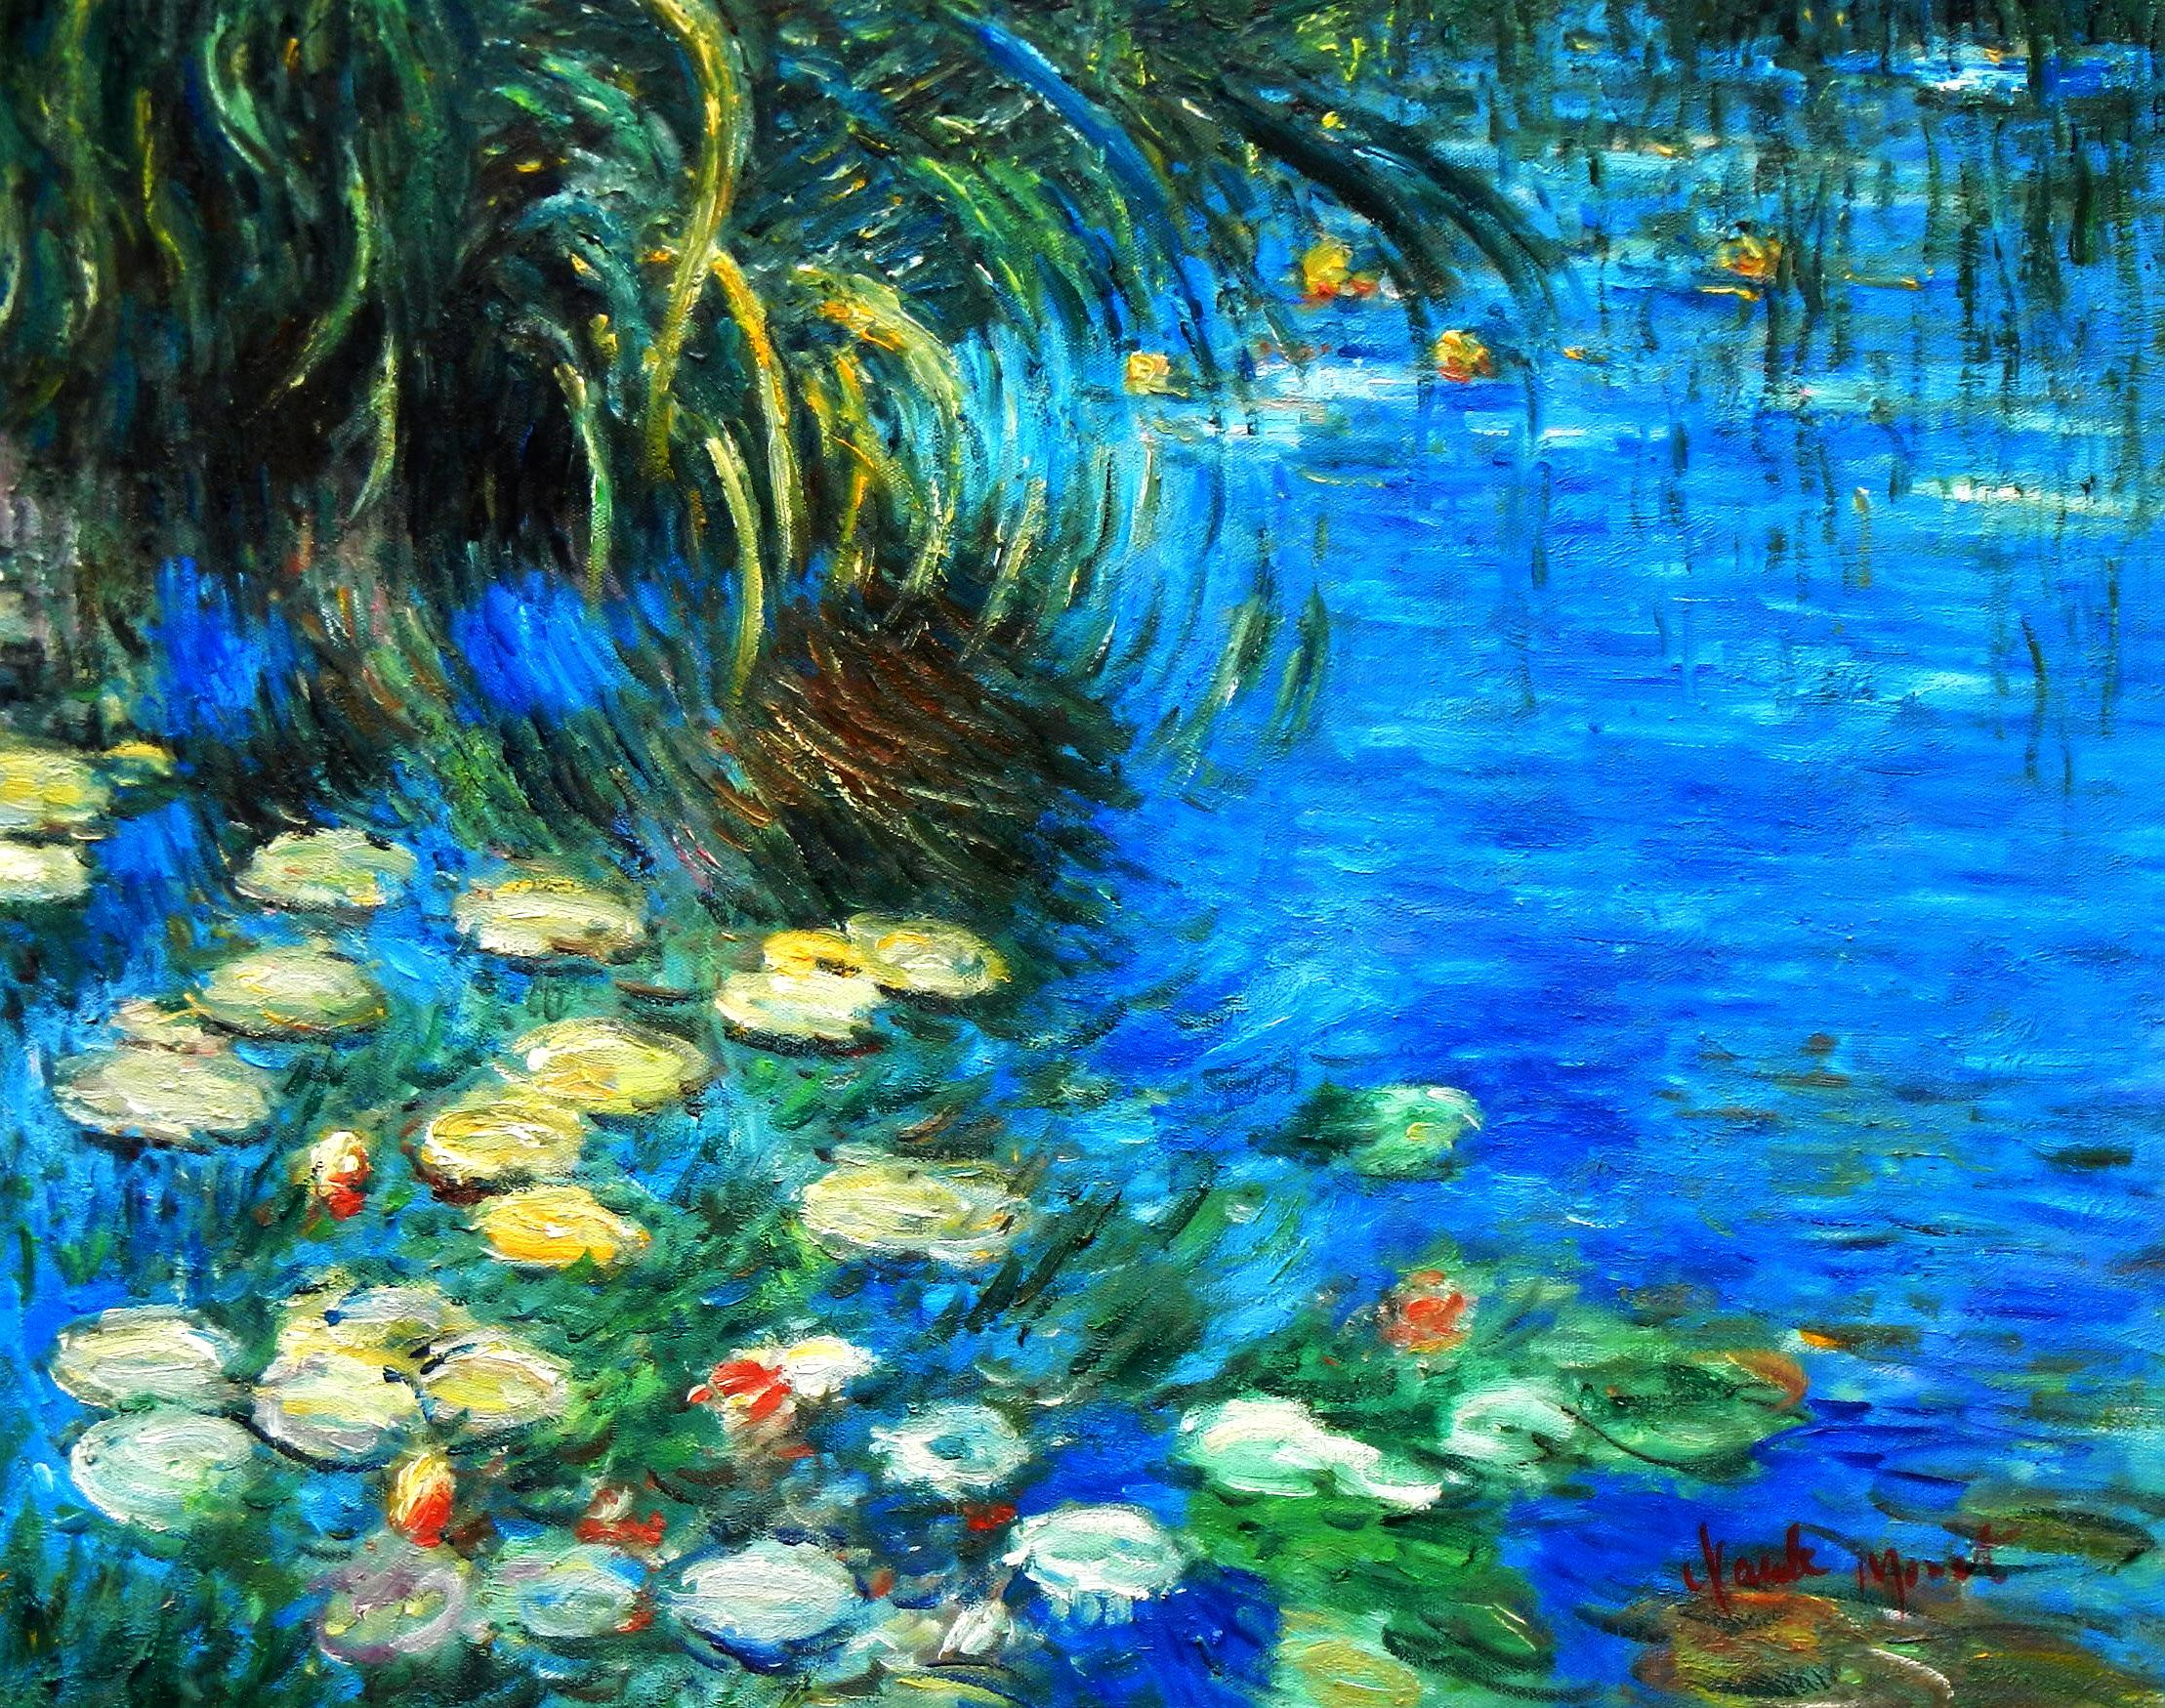 Claude Monet - Seerosen und Schilf b94166 40x50cm Ölgemälde handgemalt